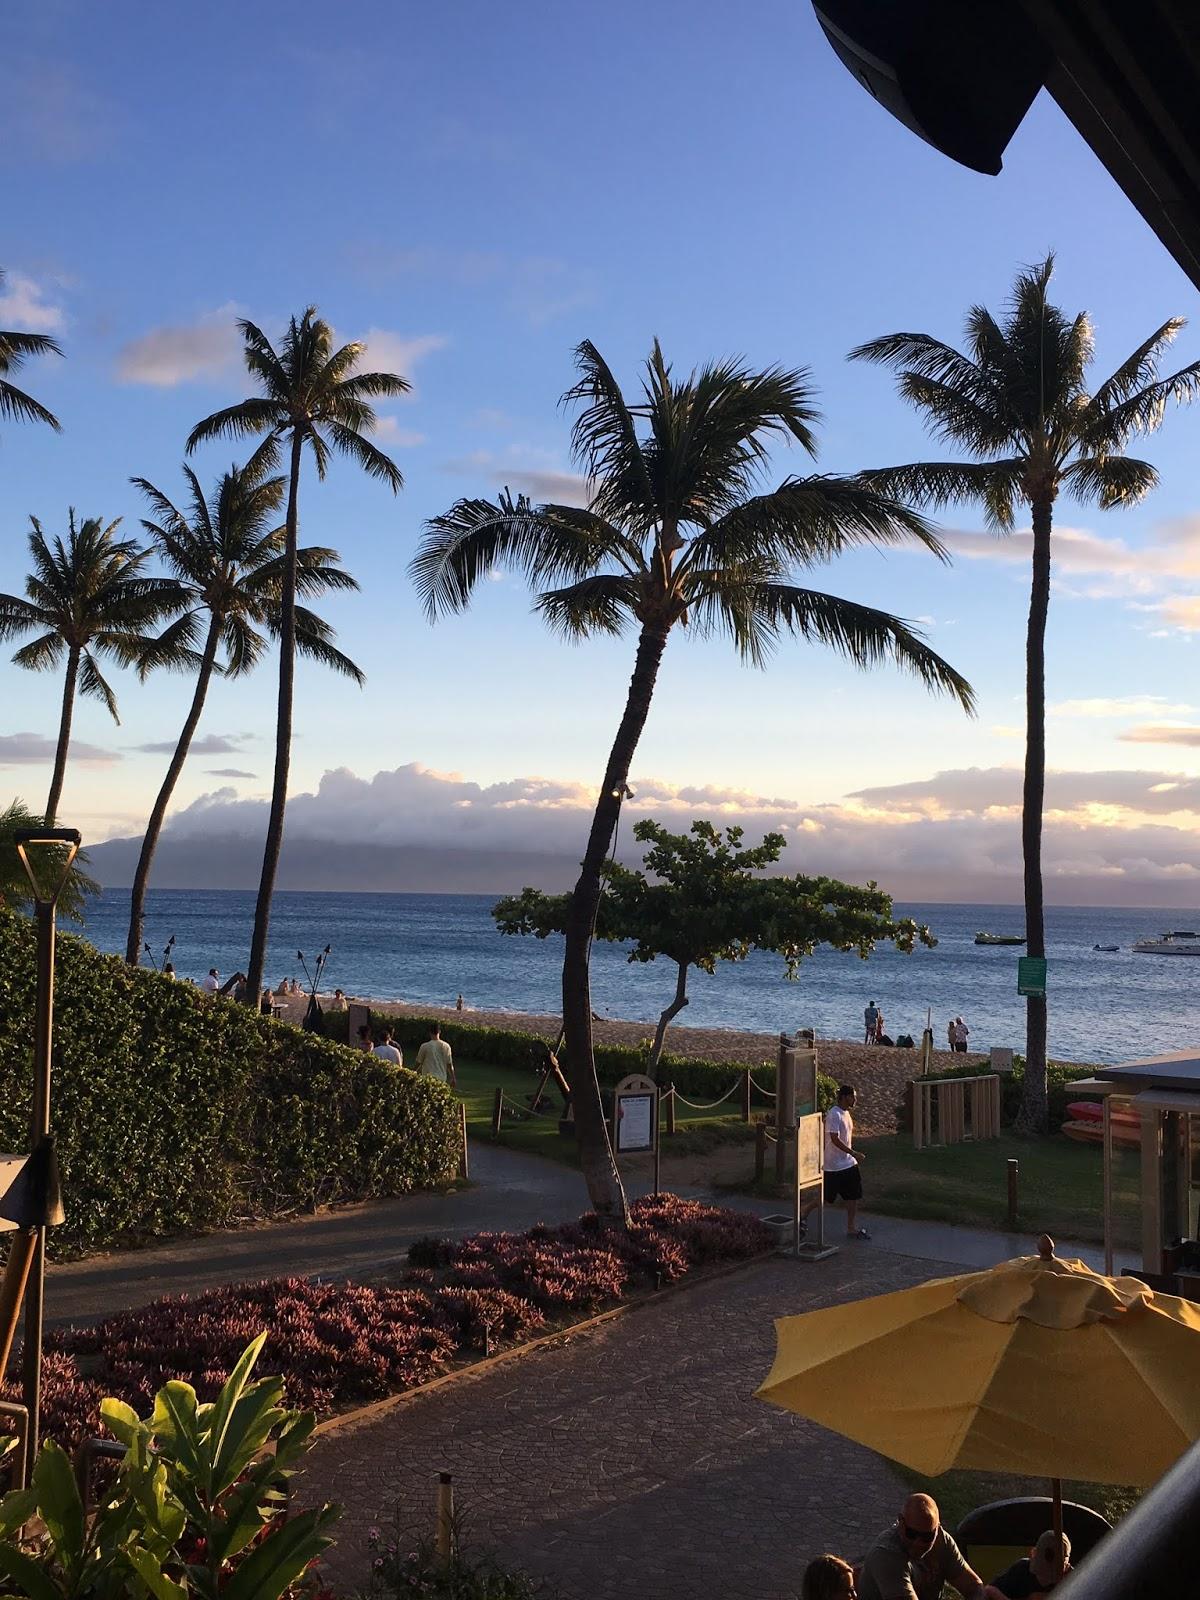 All Things Tiffany Lynn: A Proposal in Hawaii - Maui 2018